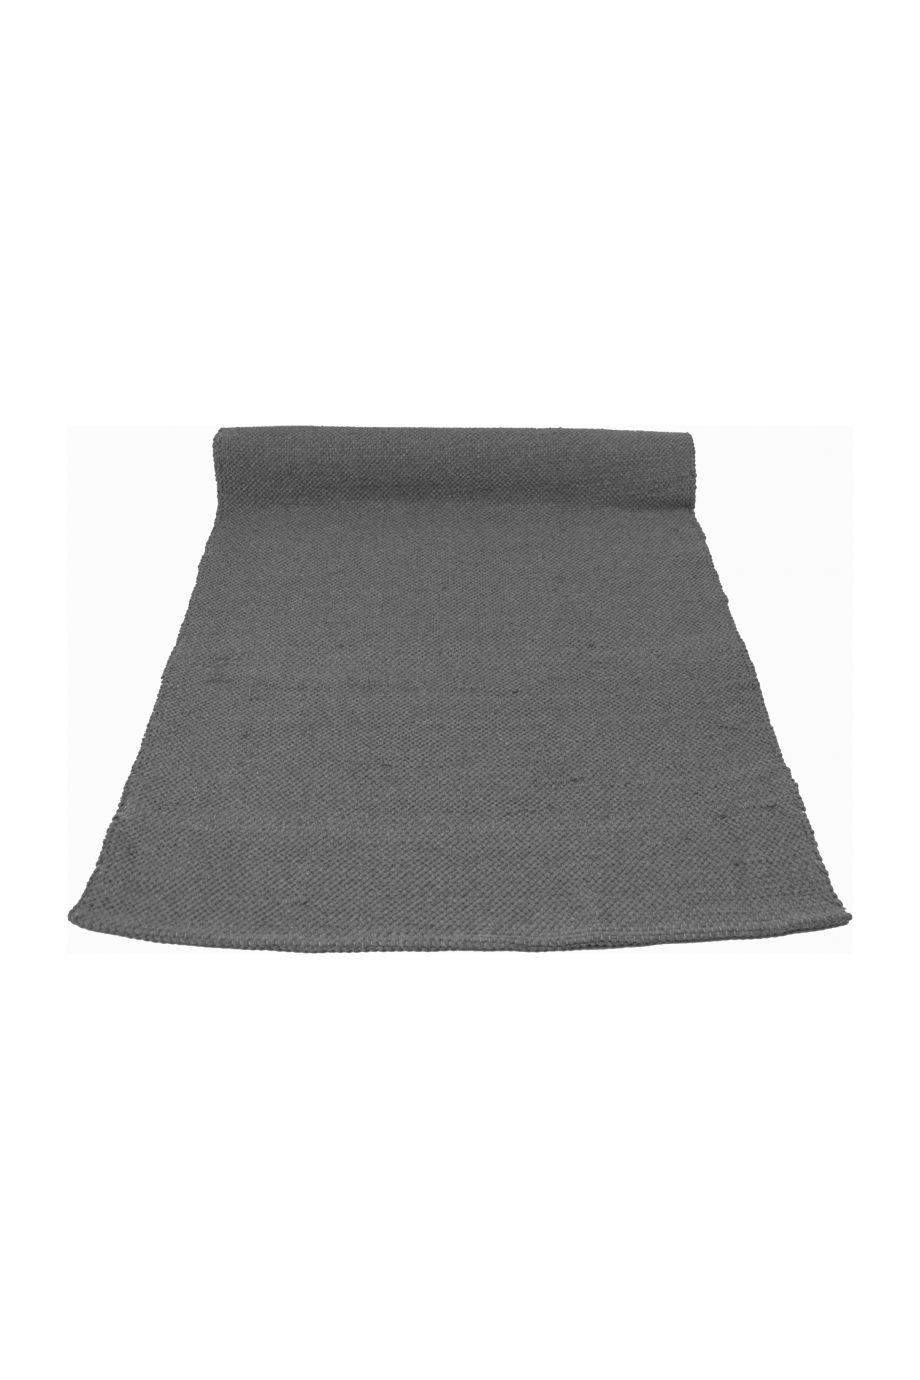 nordic grijs geweven katoenen kleed medium